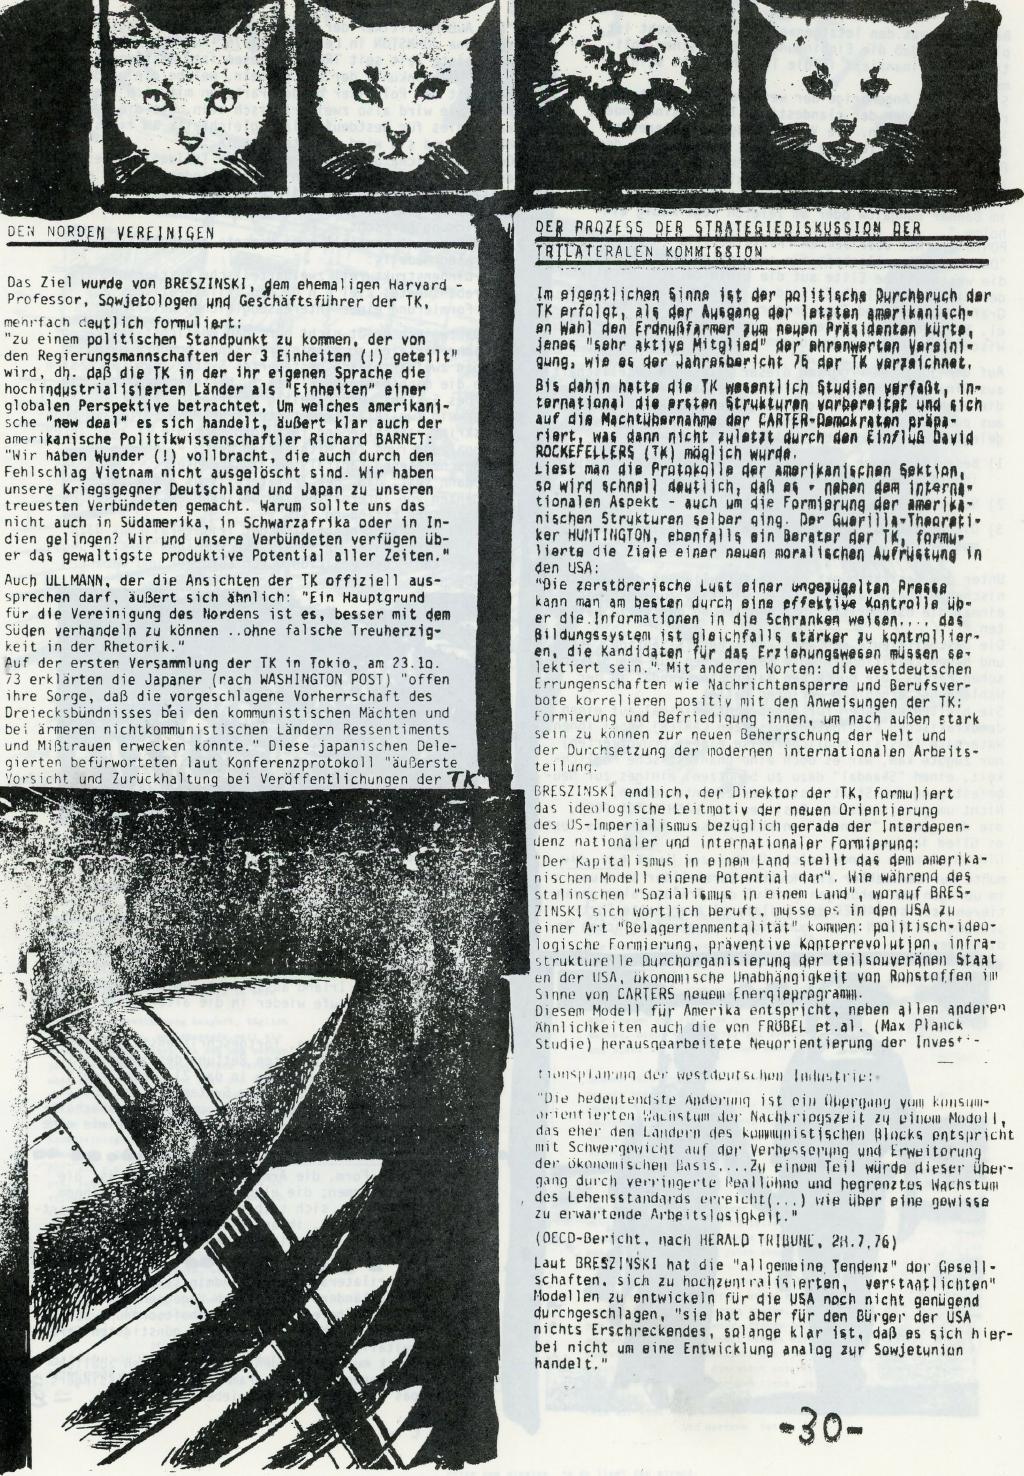 Bremen_1980_NATO_Broschuere_30